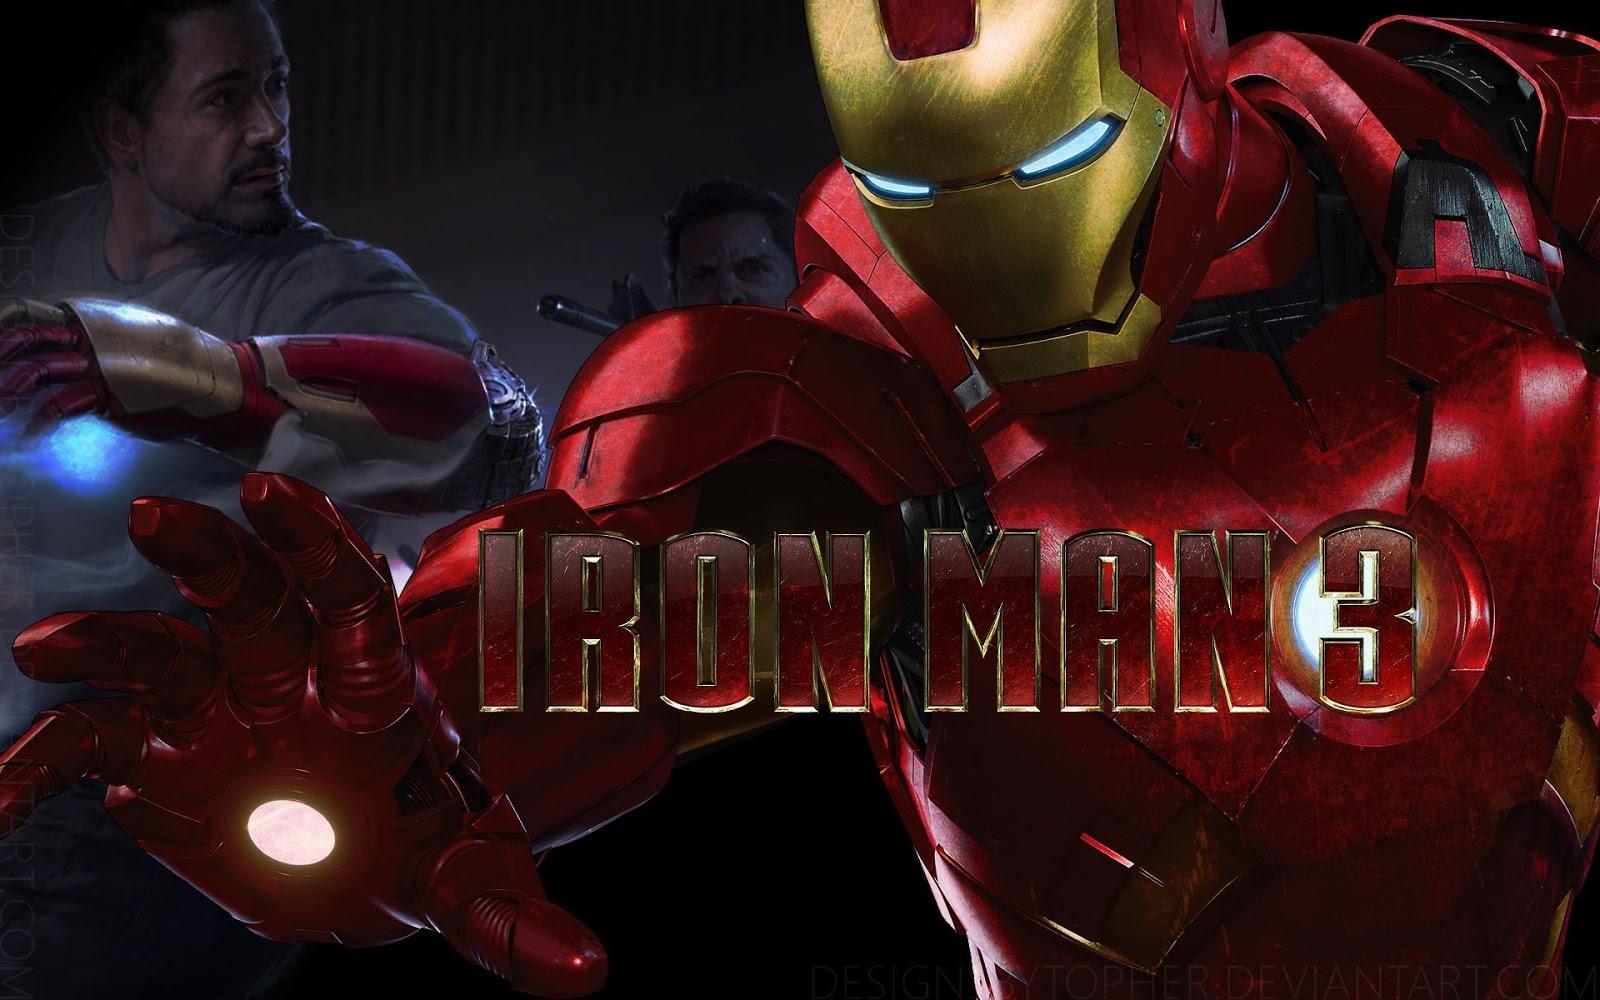 http://1.bp.blogspot.com/-TU_l6U2TI_Y/UVNDECXPaZI/AAAAAAAABqM/YBXnMMoOJjc/s1600/Iron-Man-3-Wallpapers.jpg